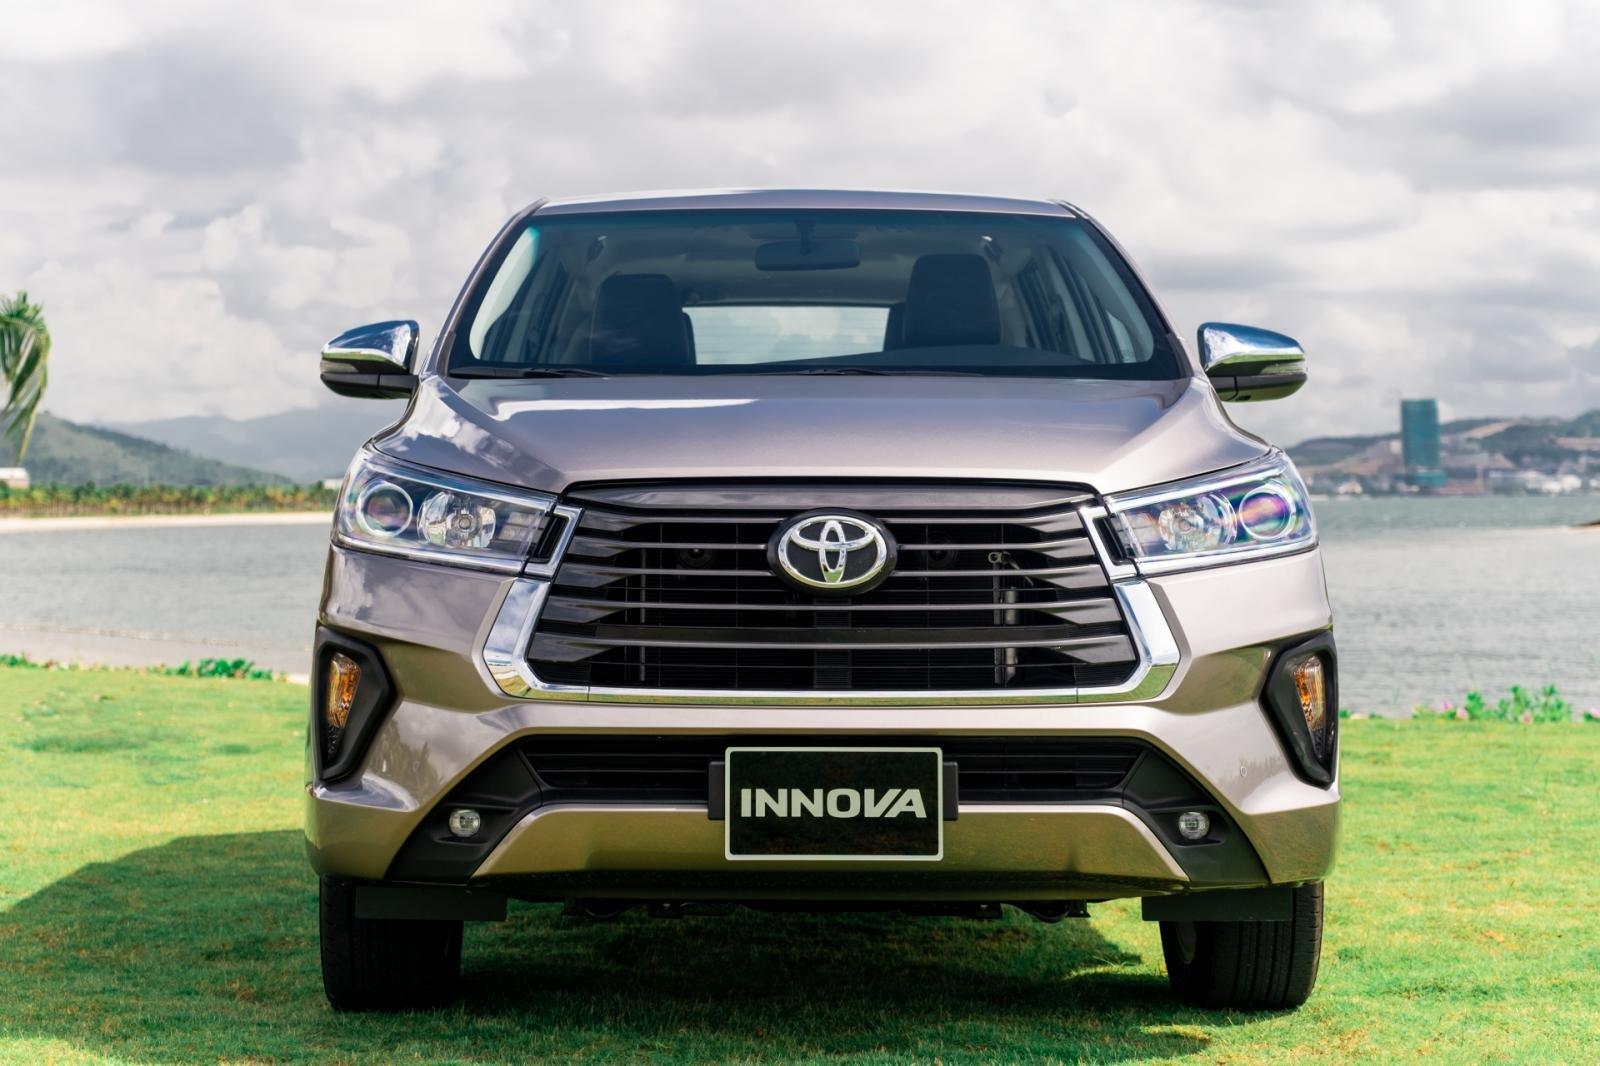 Giá xe Toyota Innova cập nhật mới nhất trên thị trường - Ảnh 3.